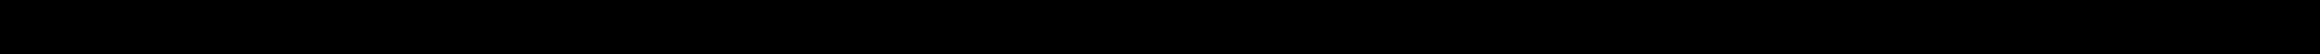 MANN-FILTER GFE8177, 212 320 01 69, A 212 320 01 69, BBJ 200 001 A Palivovy filtr